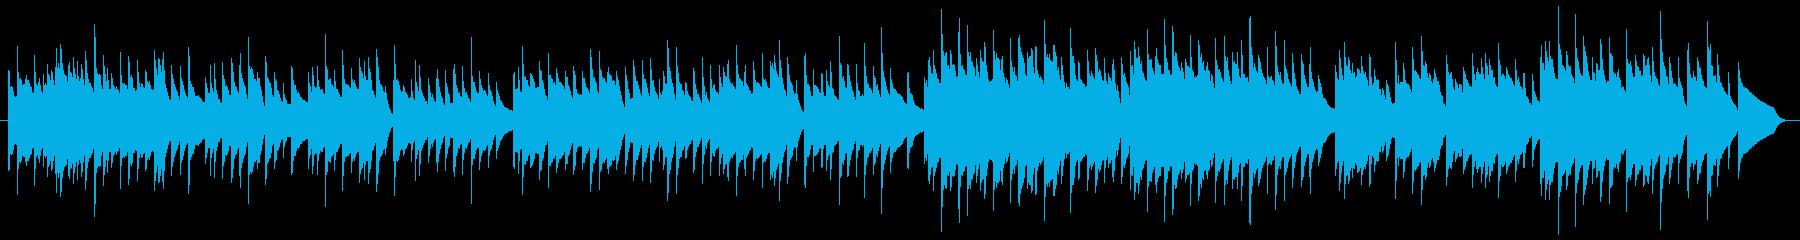 オルゴール風のせつないBGMの再生済みの波形